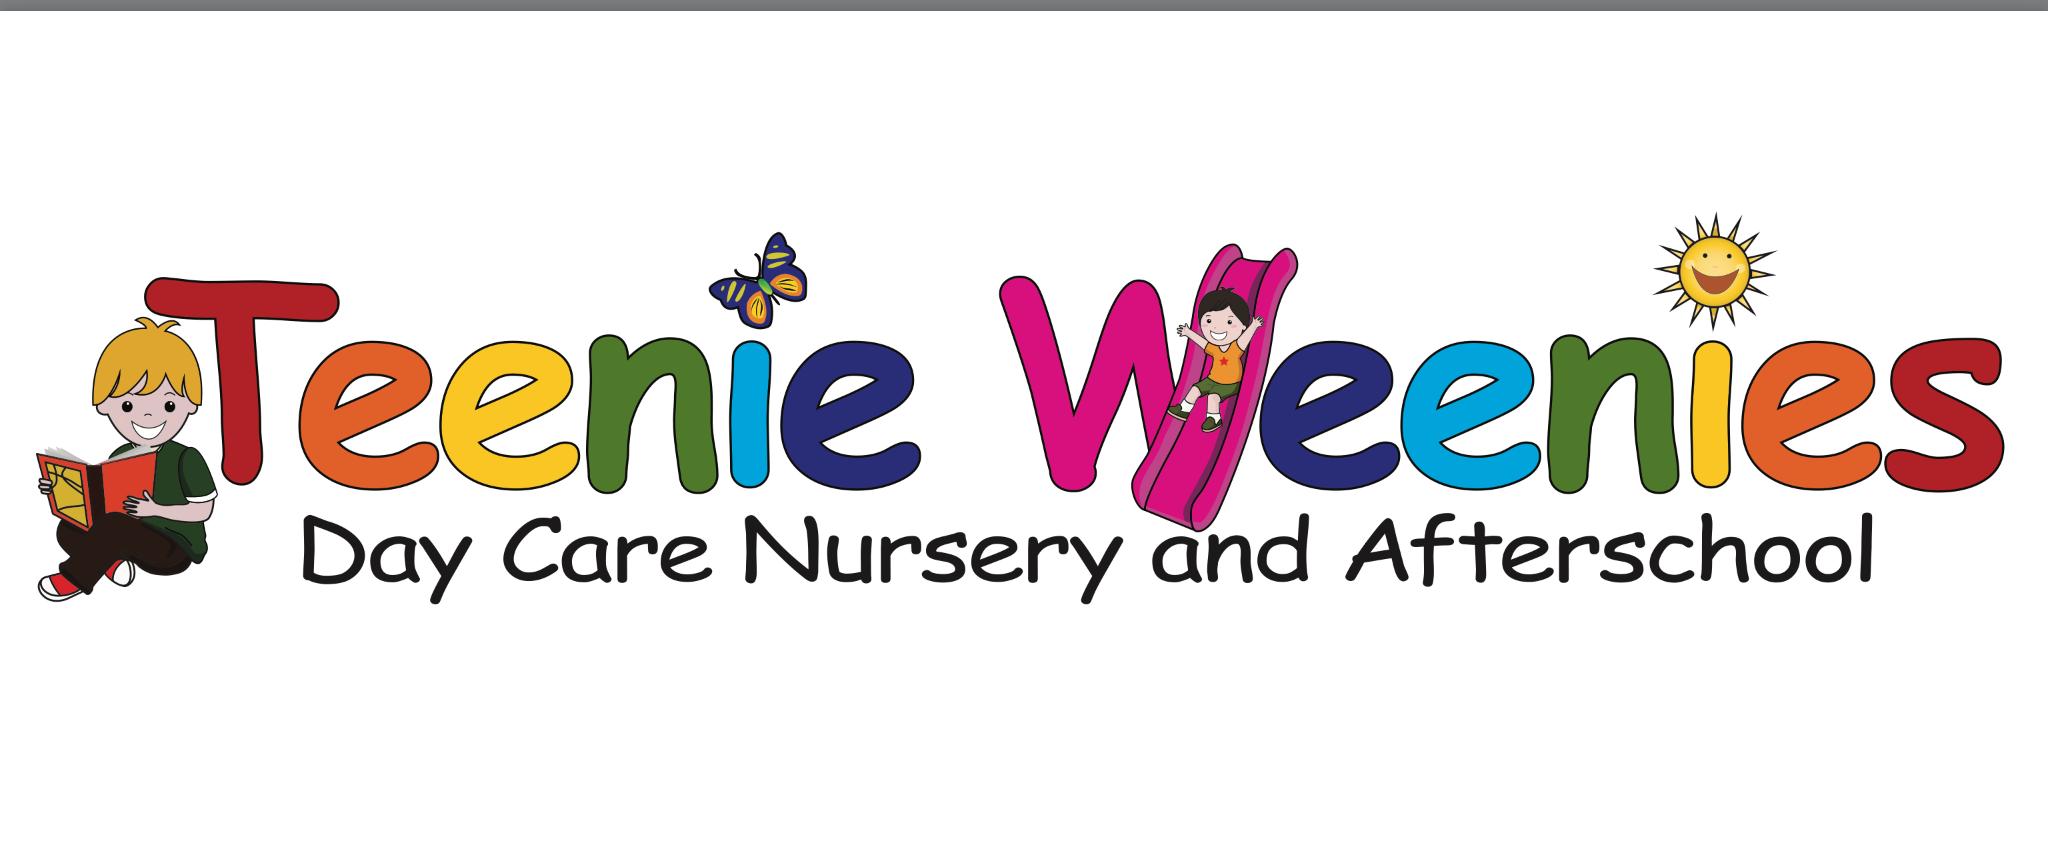 Teenie Weenies Day Care Nursery and Afterschool